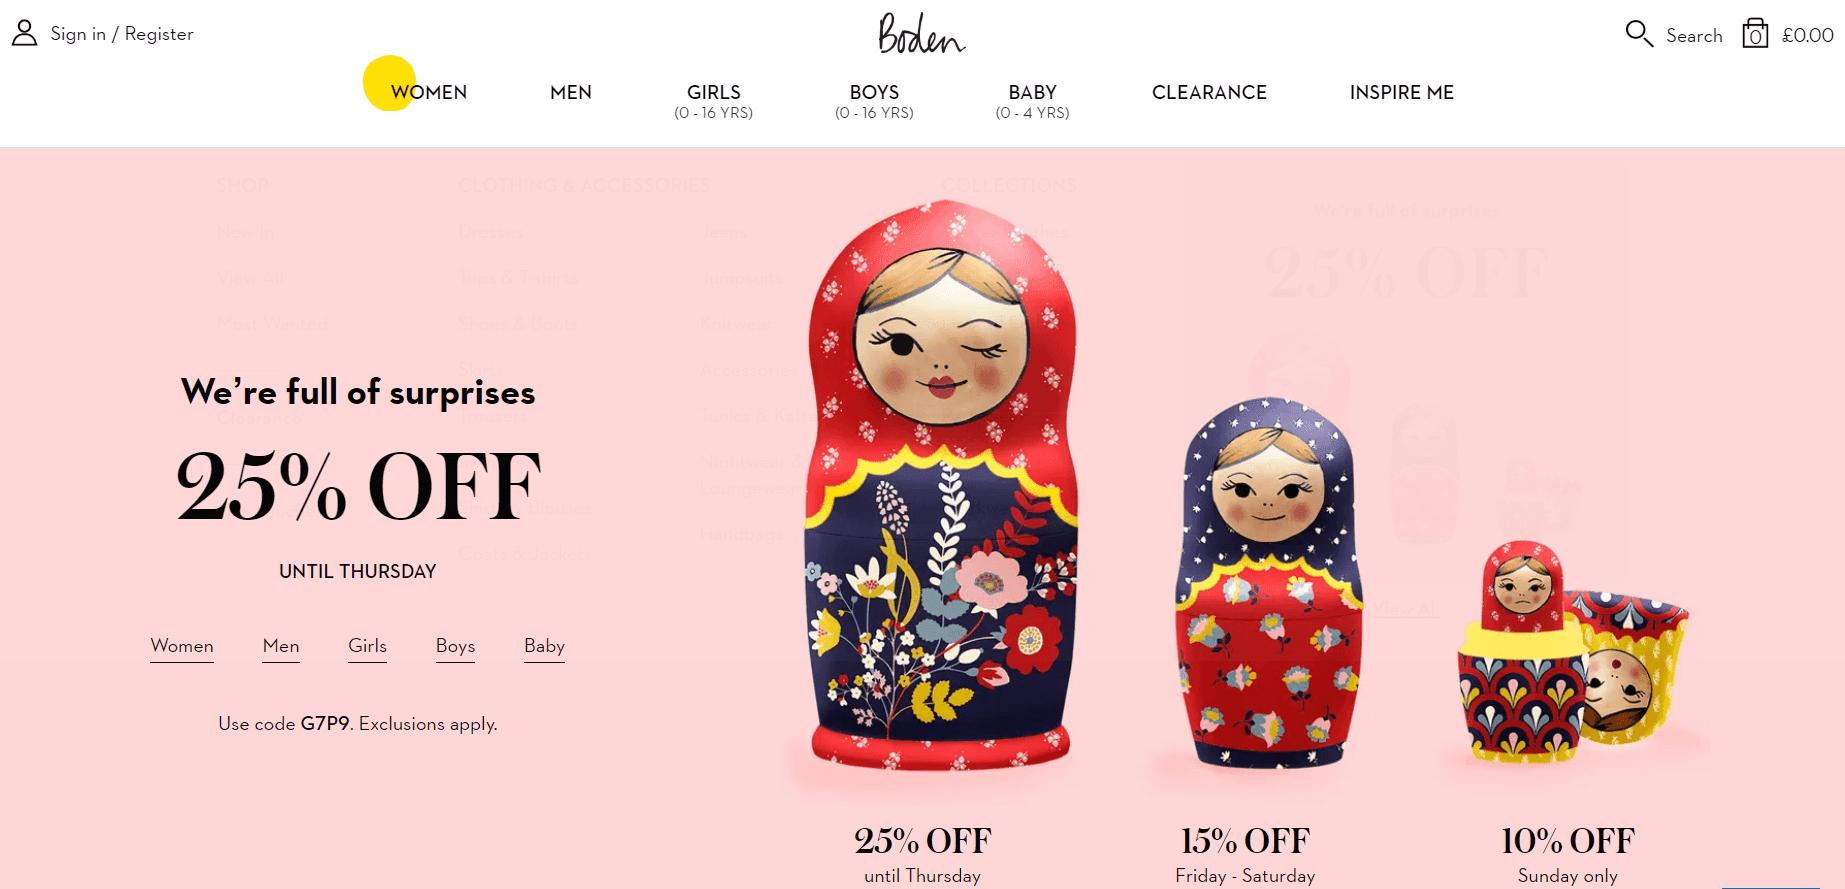 myMeest.com | Доставка покупок из интернет-магазинов мира | Сервис онлайн-шопинга - 2